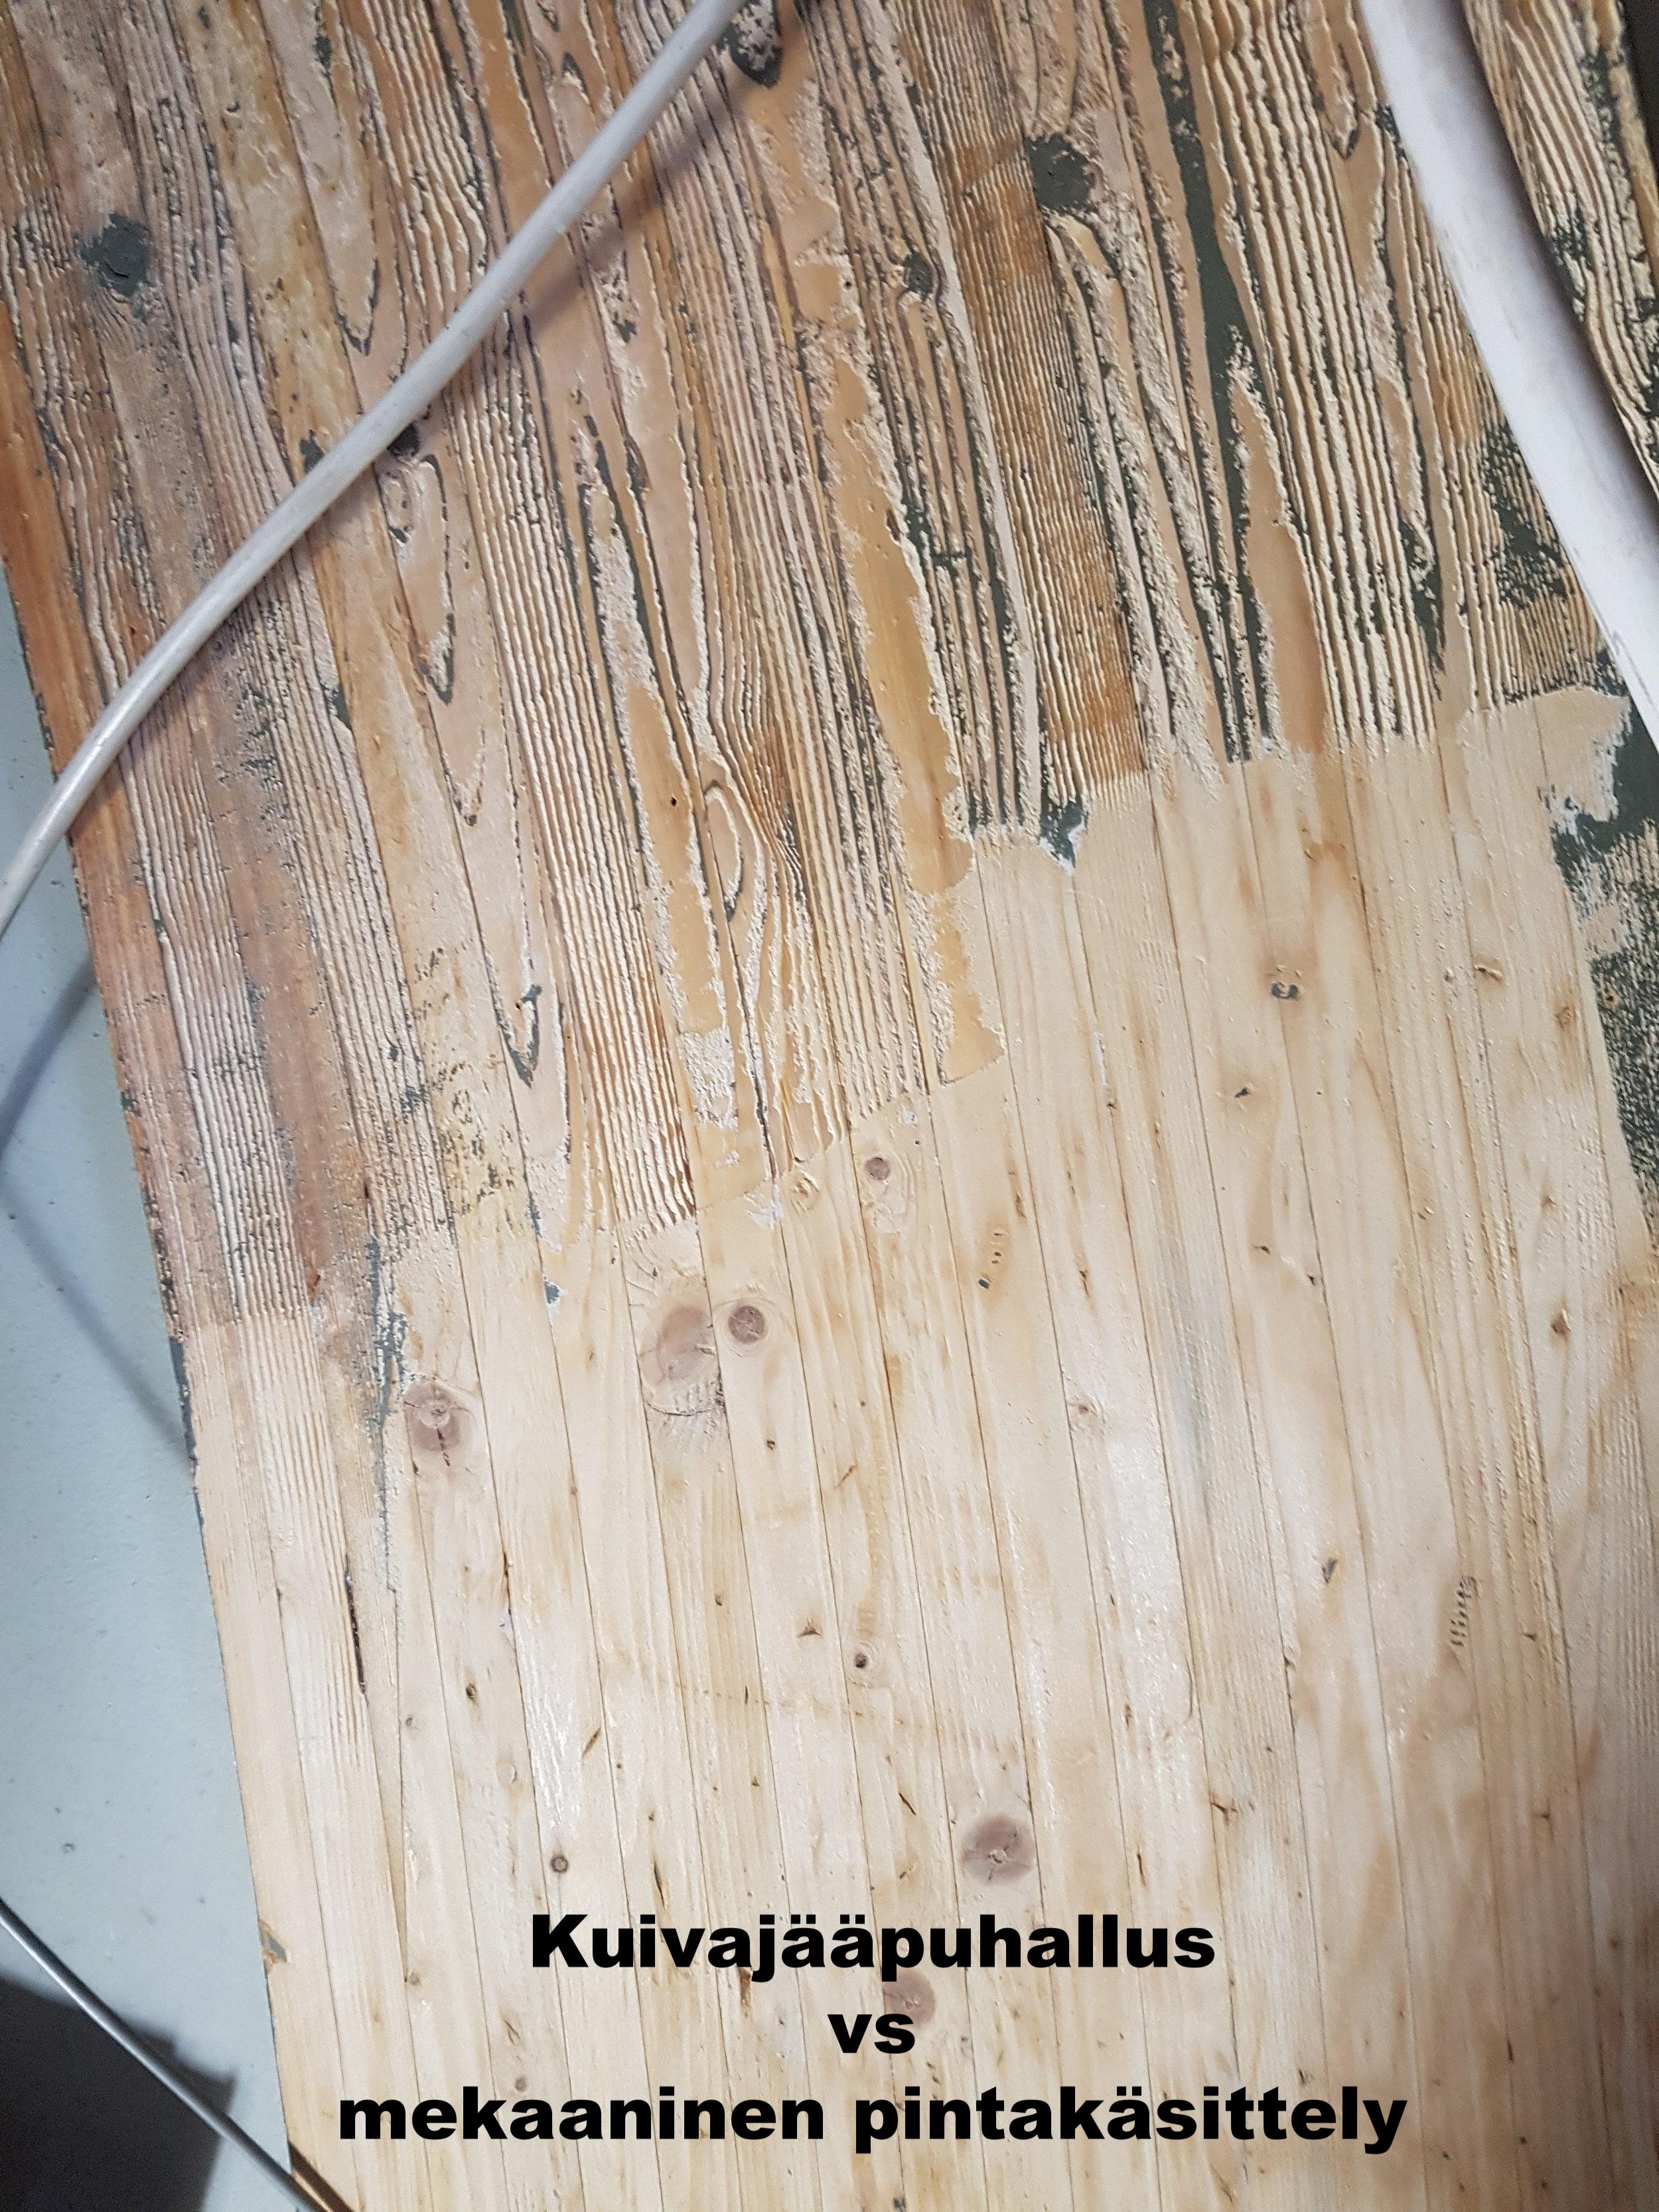 Sako riihimäki kuivajääpuhallus vs mekaaninen käsittely.jpg